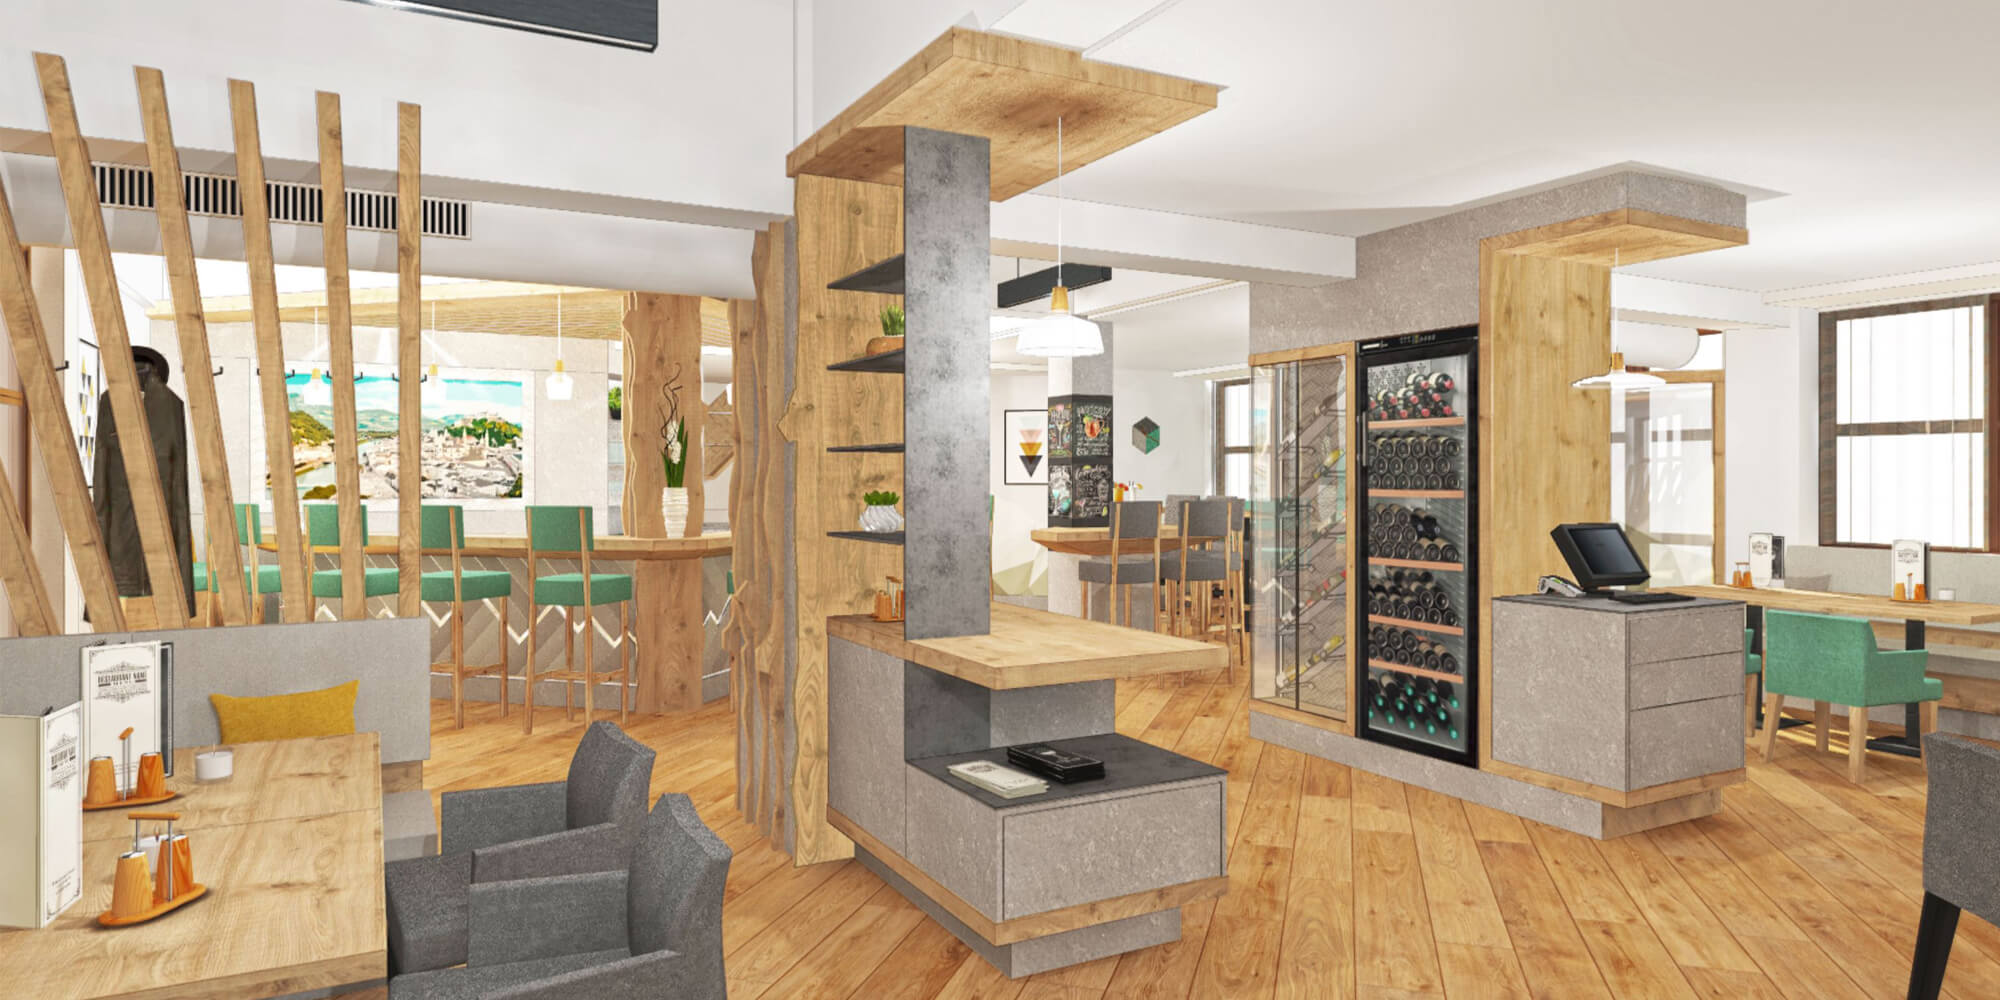 Crea-Plan-Design-Rauch-Frühmann-Architektur-Innenarchitektur-Design-Projekt-Referenz-Hotelerie-Gastronomie-Hotel-Parkhotel-Salzburg-Hotelbar-2